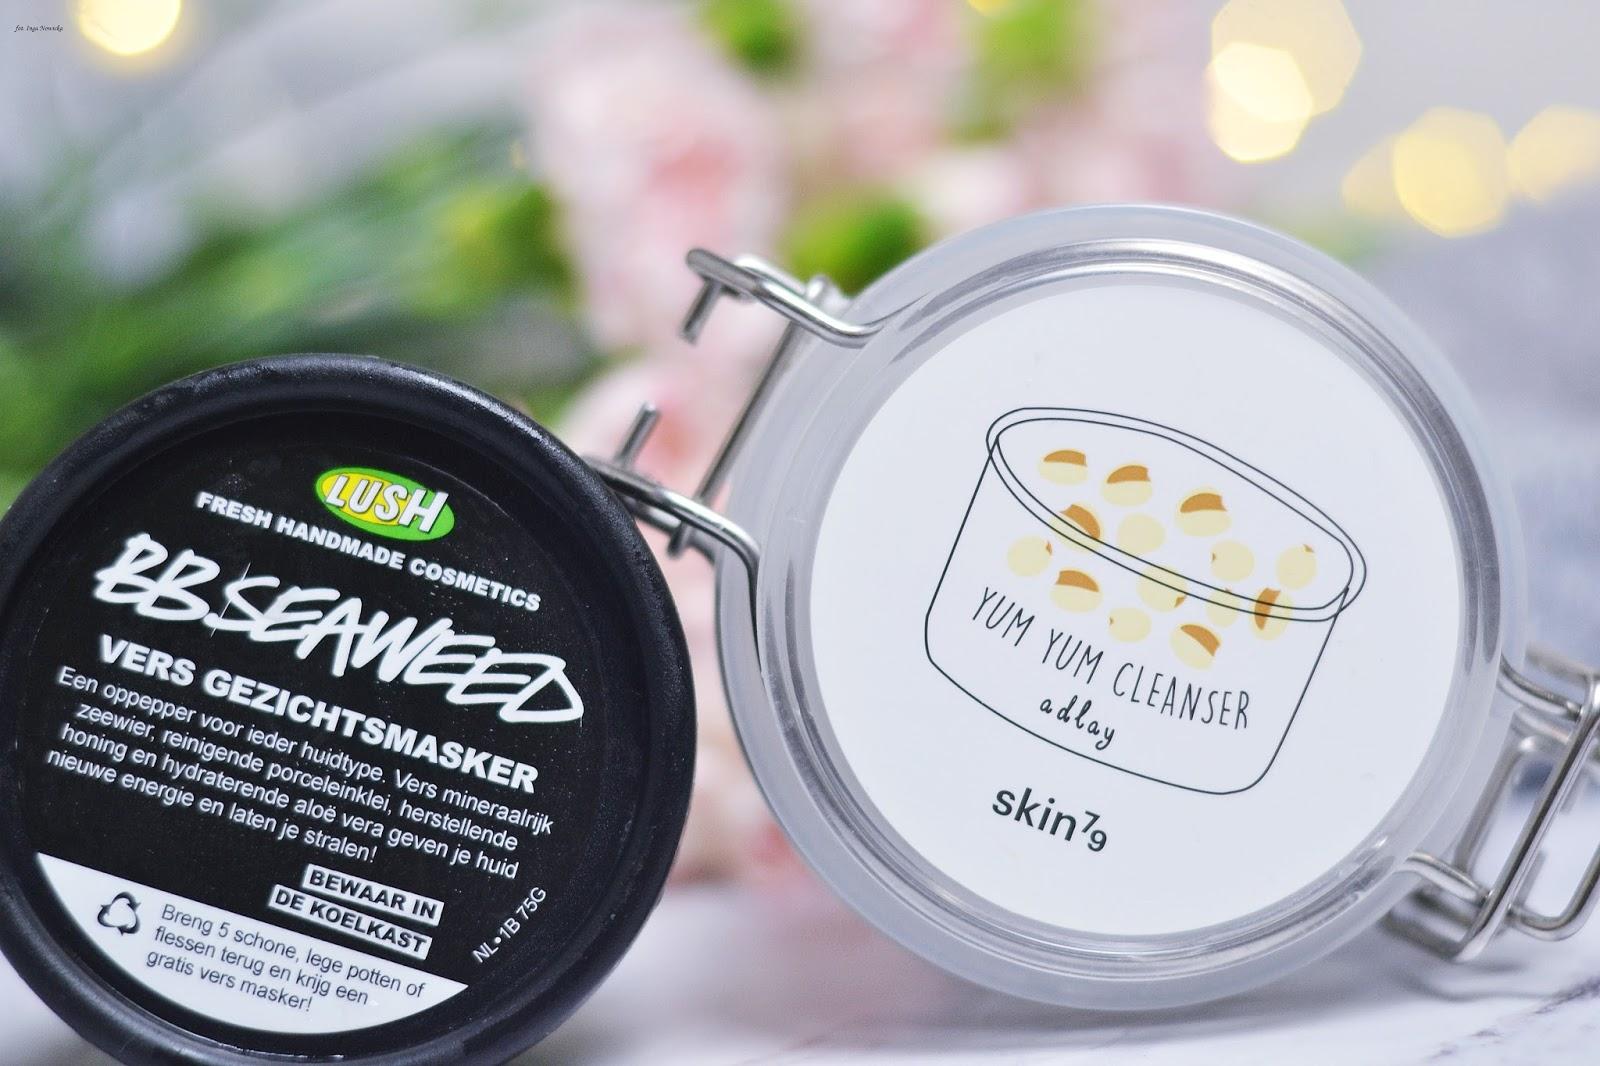 skin79 yum yum cleanser